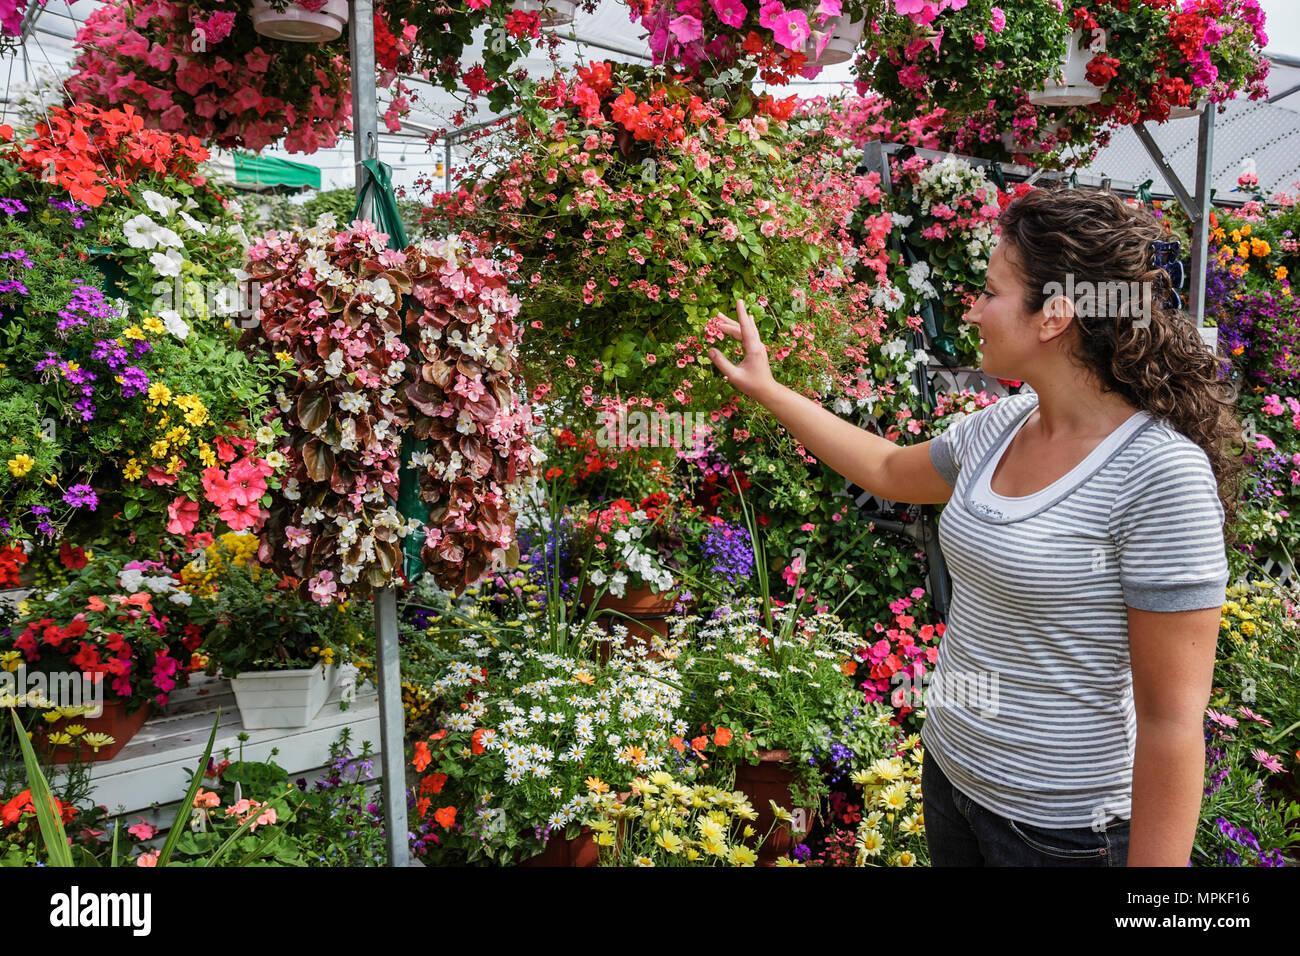 Reviews on Flower Market in Montreal, QC - Binette et Filles, Marché Jean-Talon, Marché Atwater, Decor Floral Fleuriste, Marché Jean-Brillant, Inter-Provincial Flower Market, Clove Fleuriste, Baltic Club, Le .